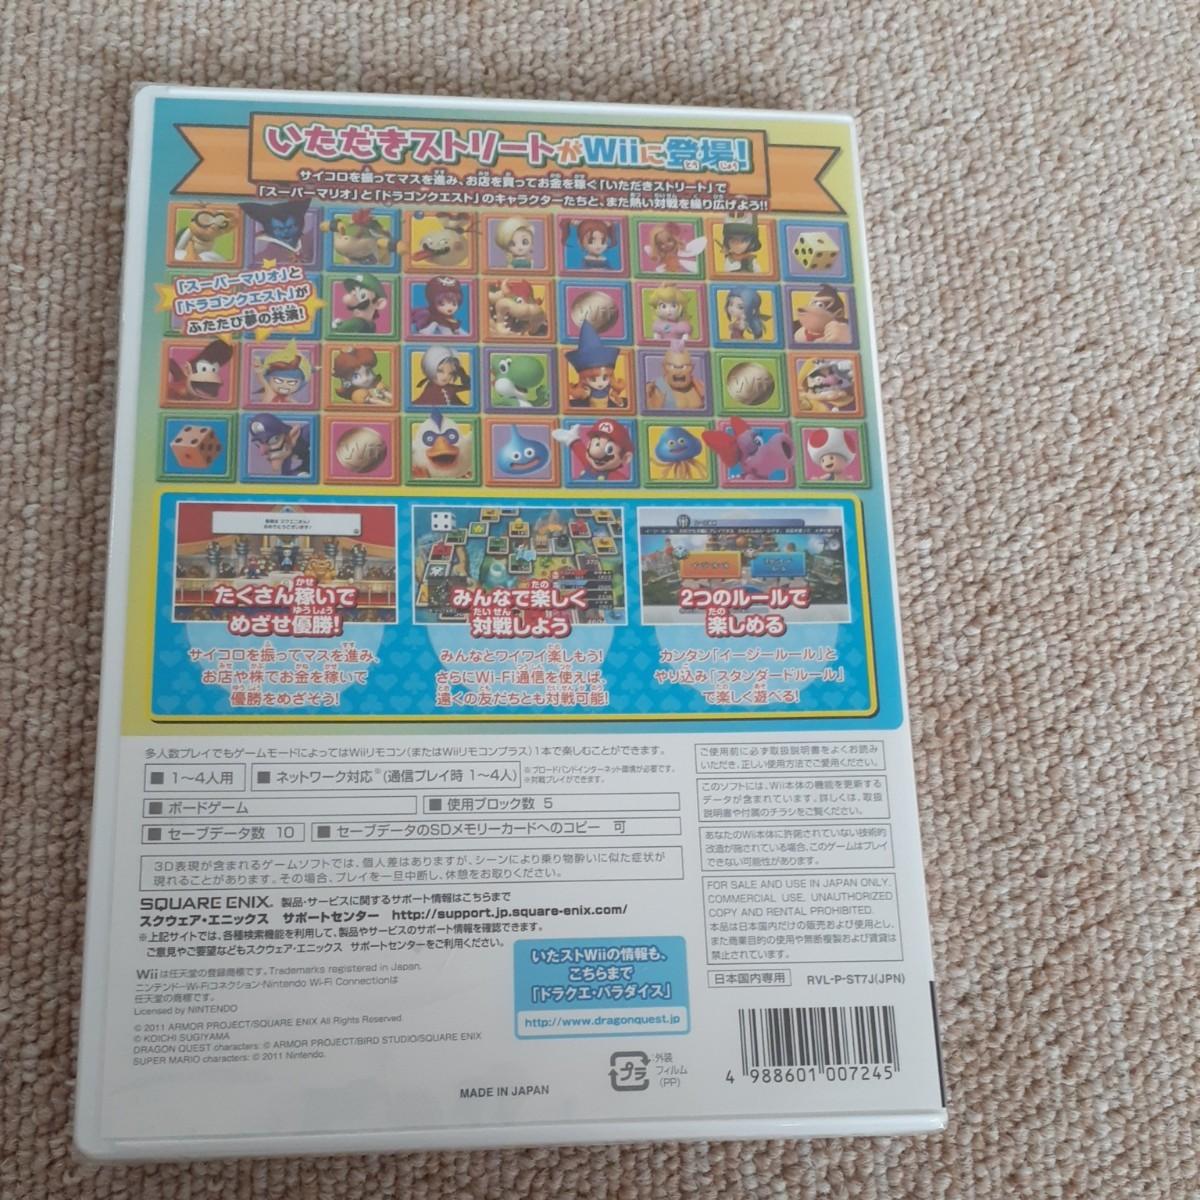 【Wii】 いただきストリートWii 新品未開封